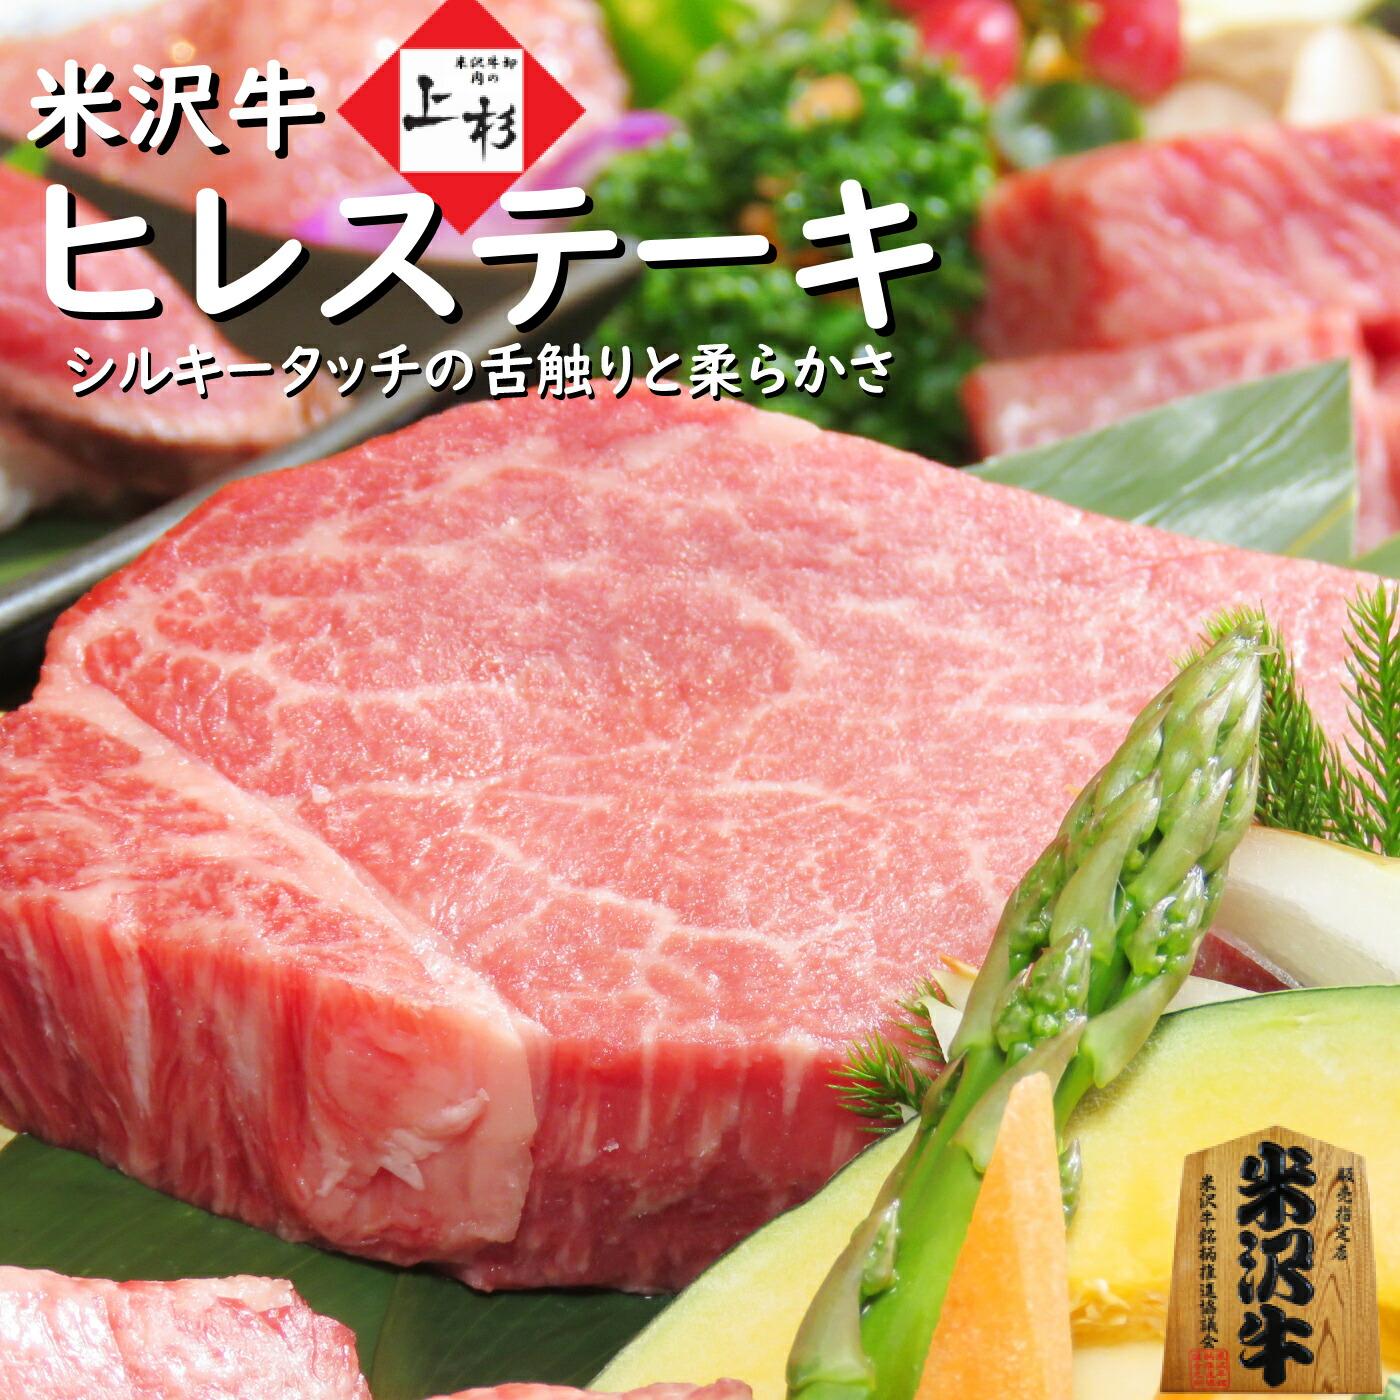 米沢牛 ヒレステーキ